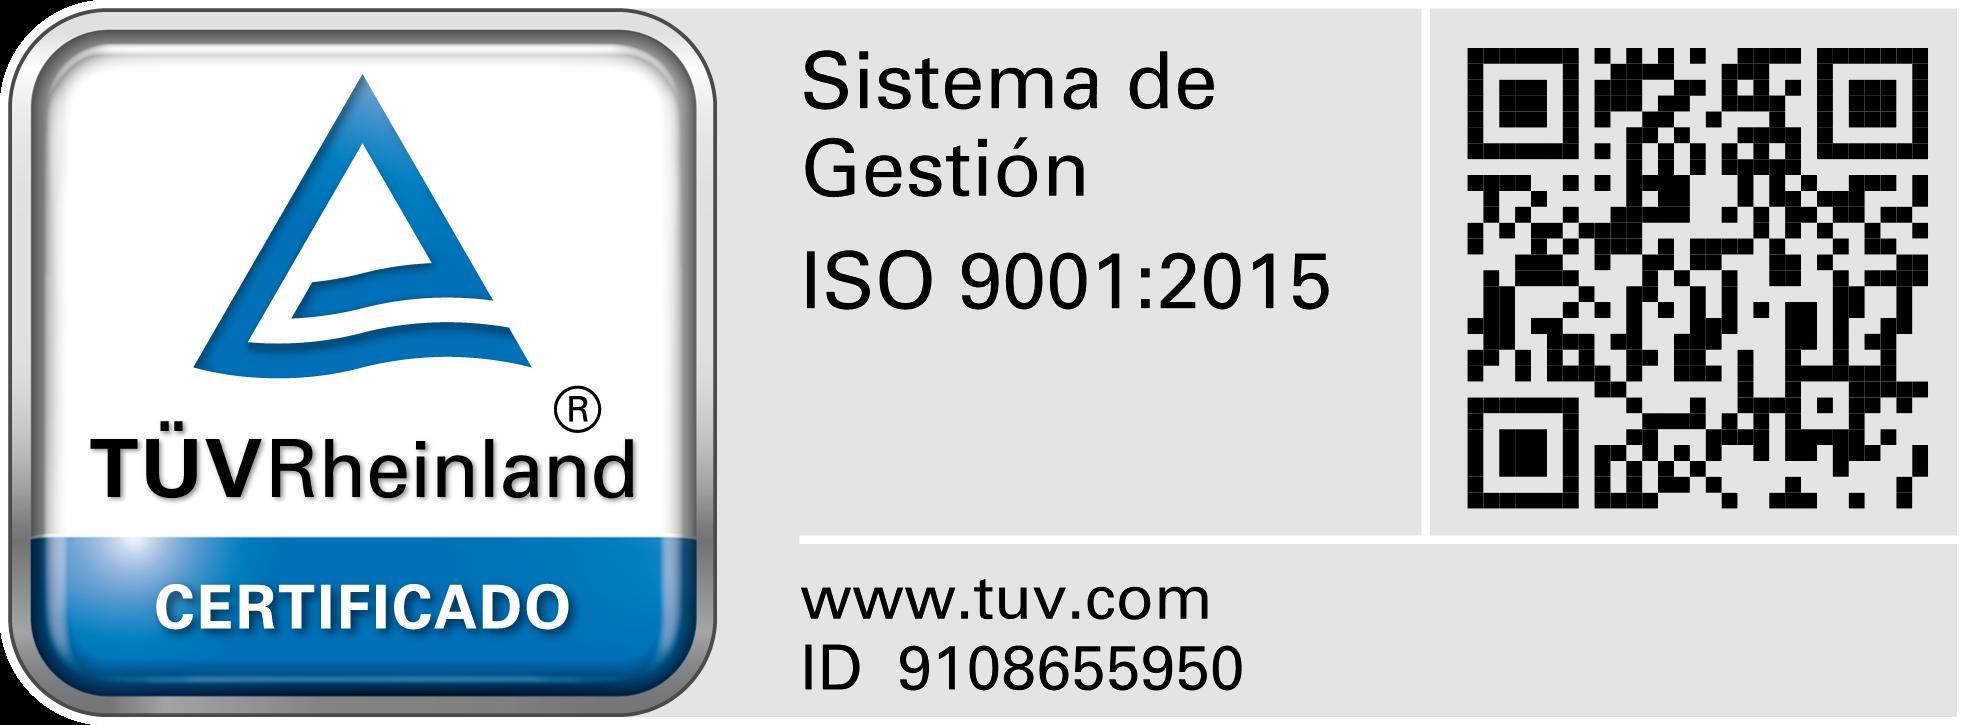 Certificado ISO 9000:2015